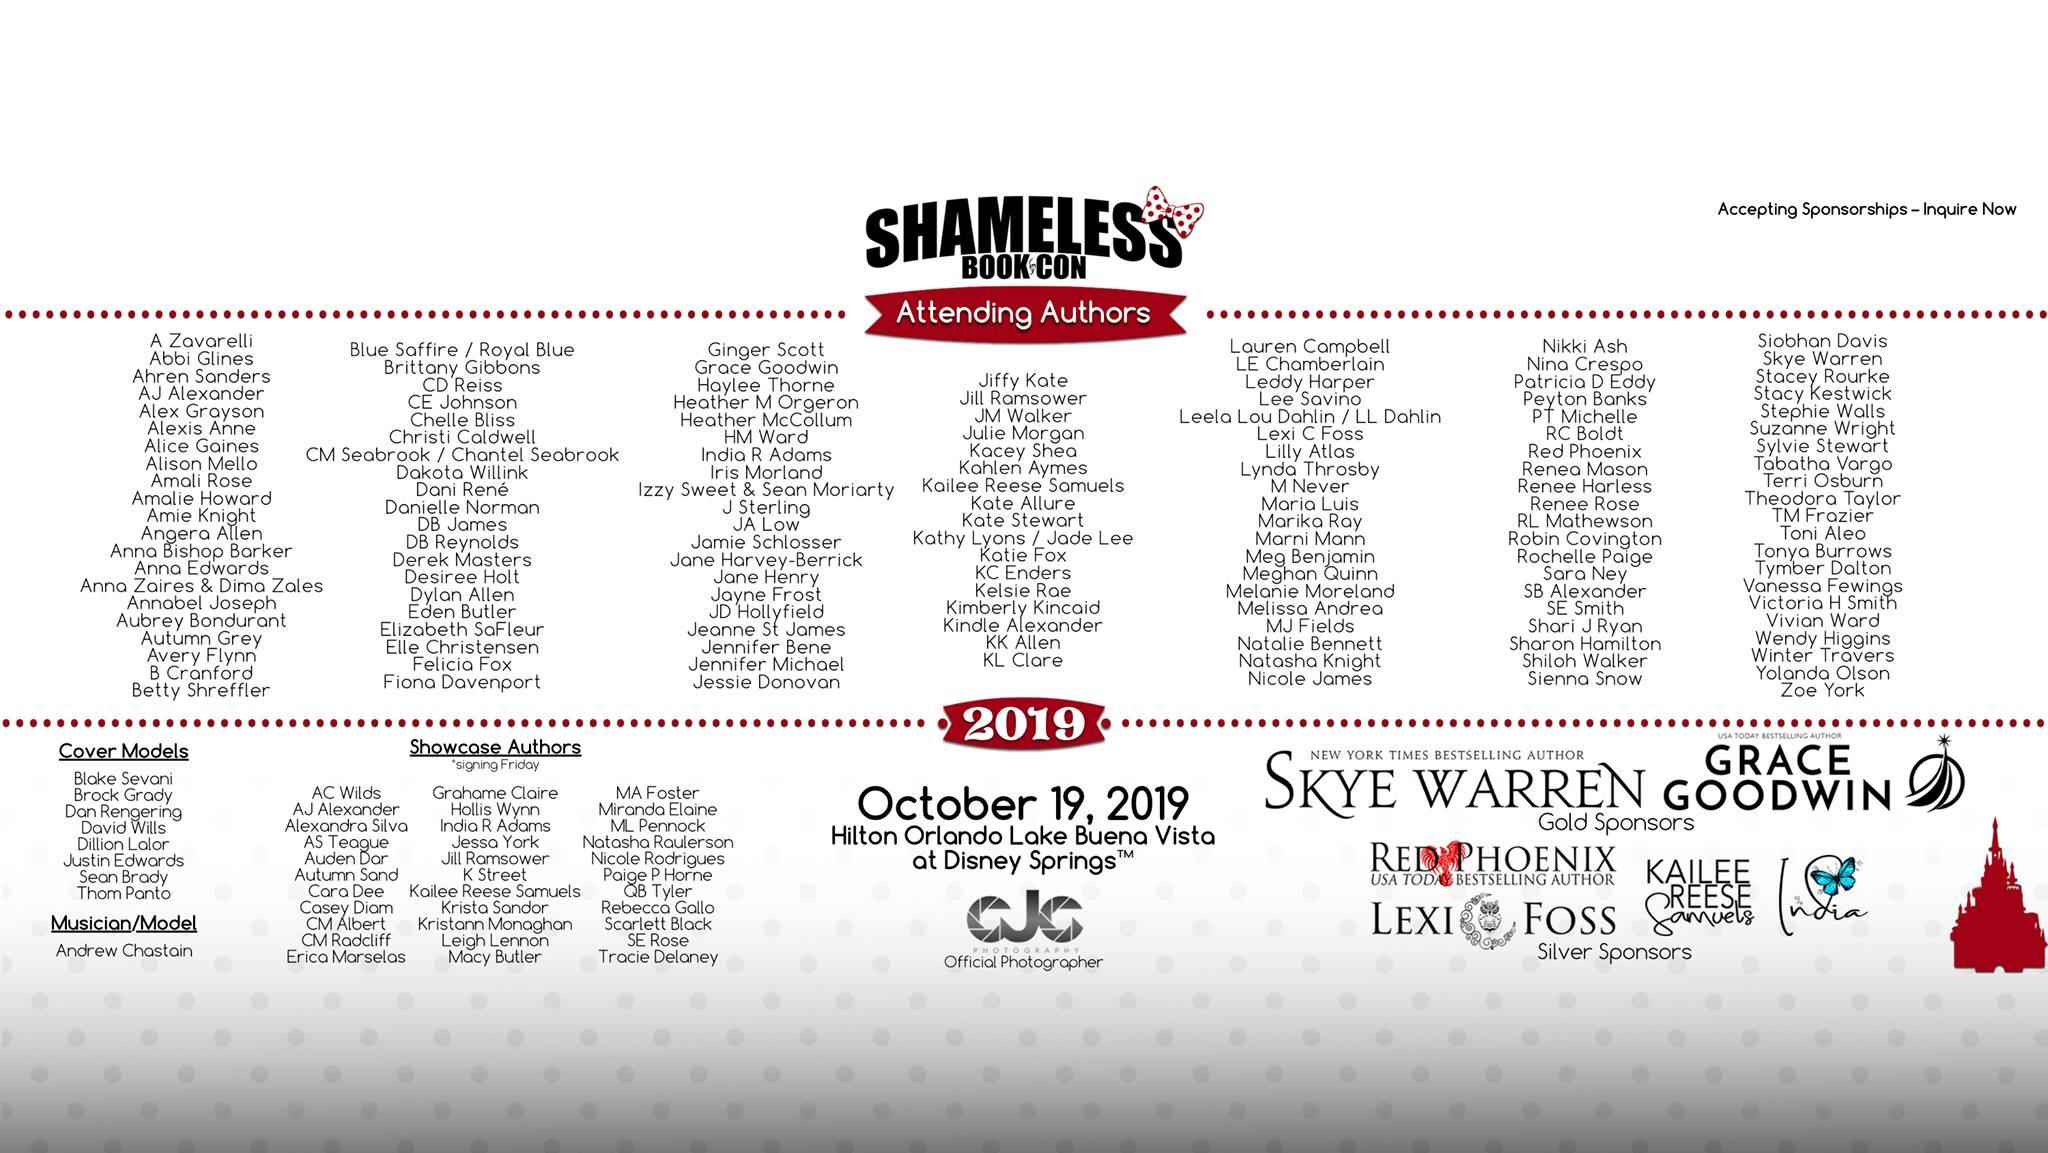 shameless-book-con-2019-author-list.jpg